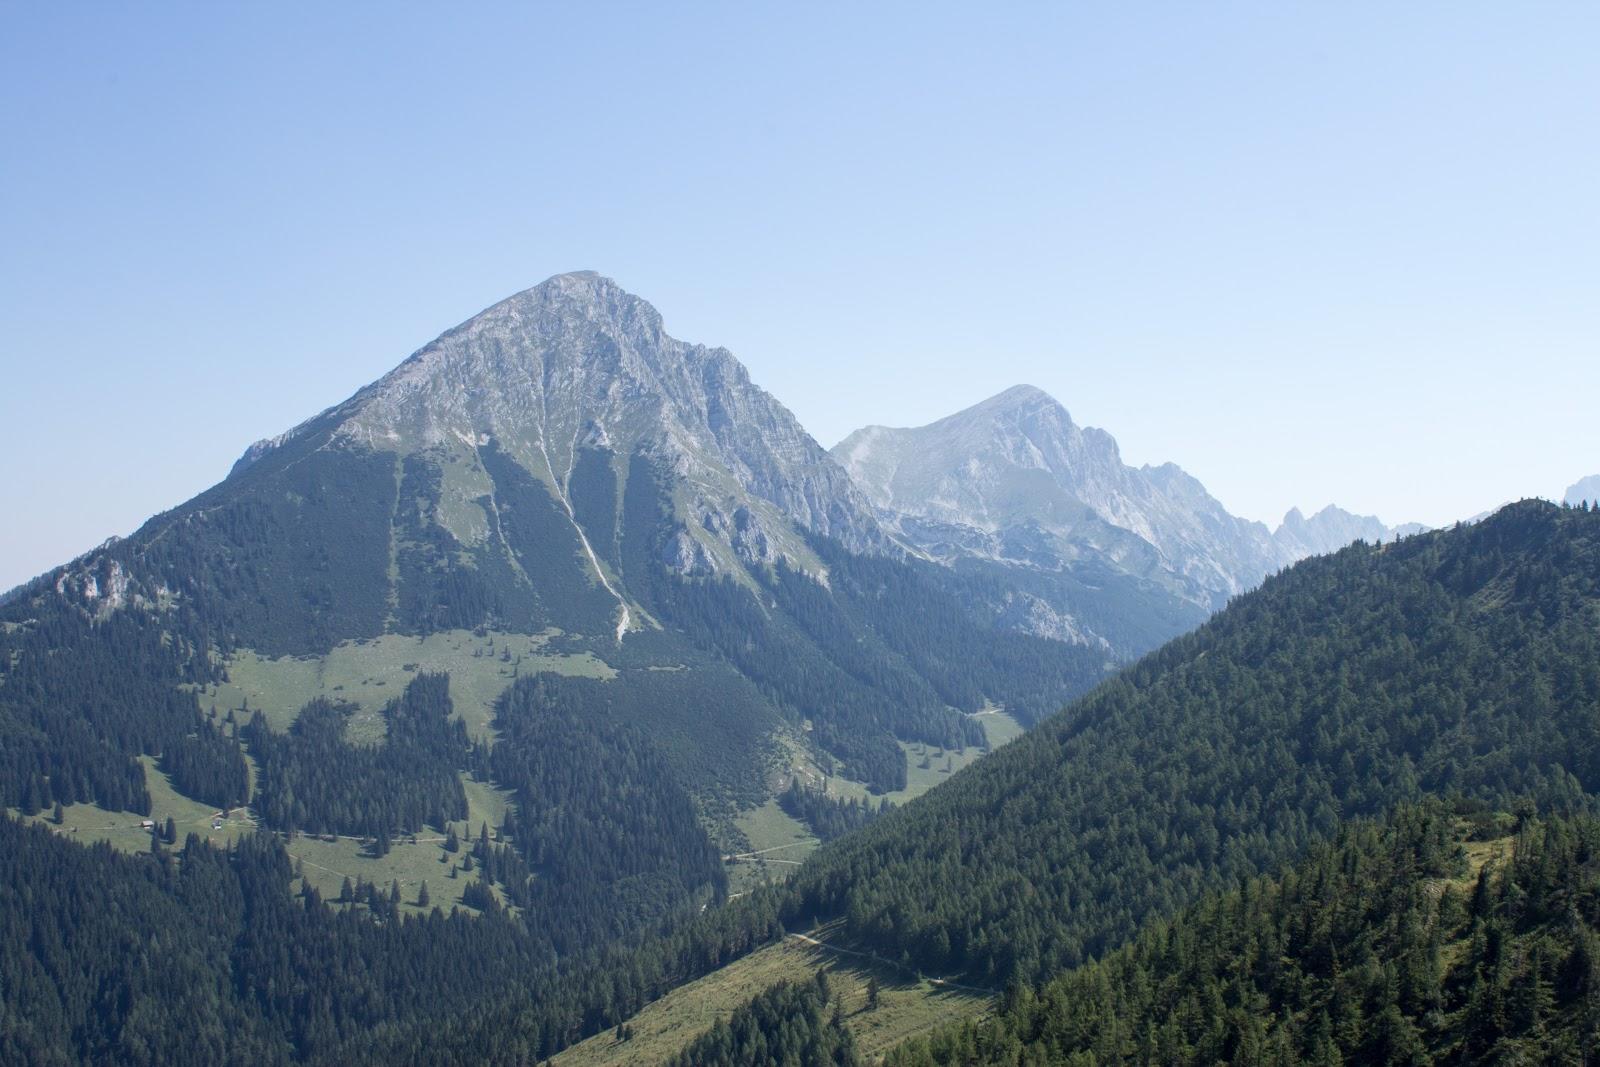 Von der Ardningeralmhütte über den Wildfrauensteig auf Frauenmauer, Bosruck und Kitzstein. - Blick auf den Großen Phyrgas